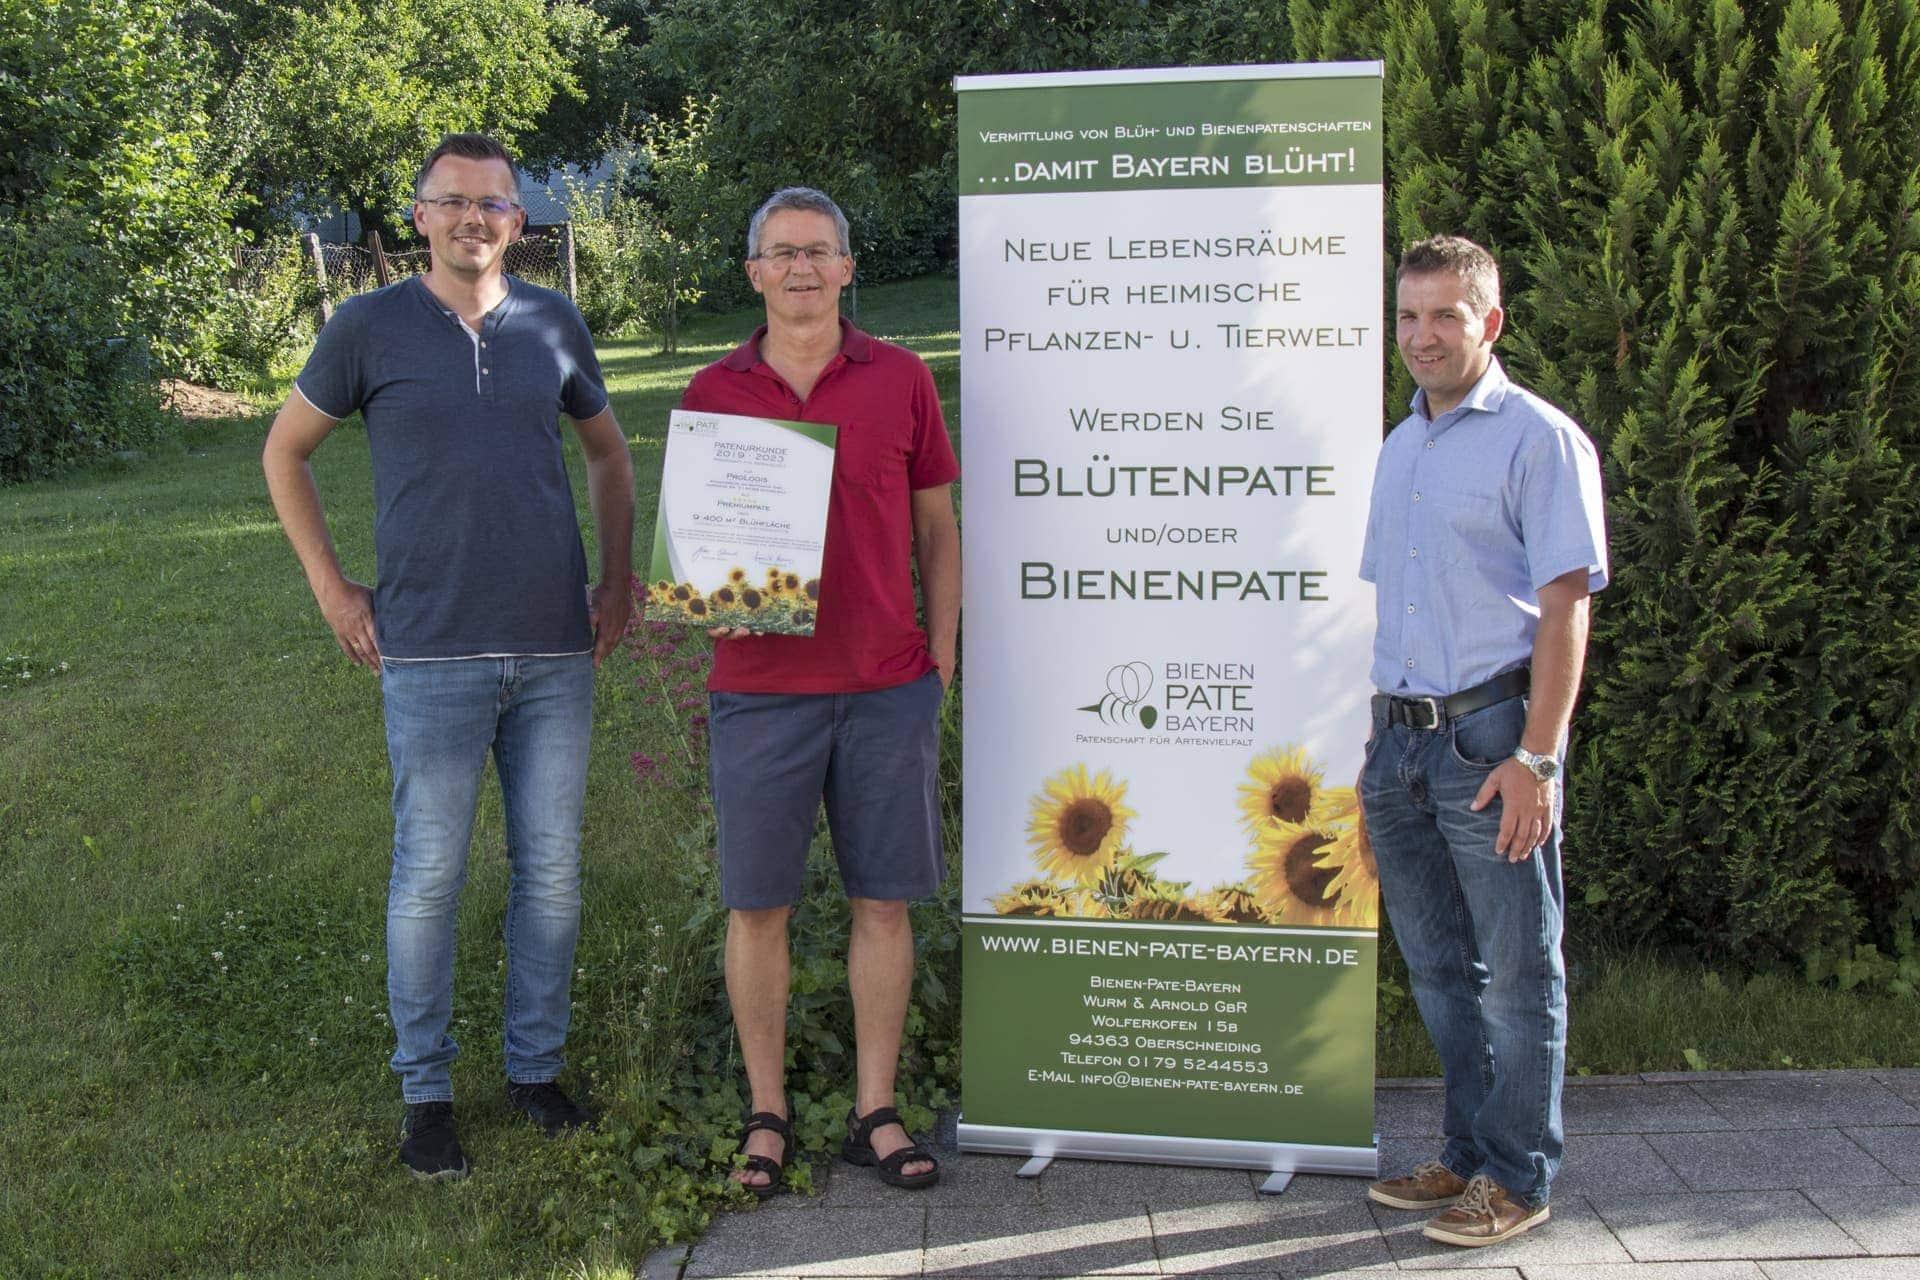 Blizz Leserreporter Firma ProLogis Automatisierung und Identifikation GmbH übernimmt für die nächsten fünf Jahre eine Blütenpatenschaft für eine Fläche von 9.400 m²